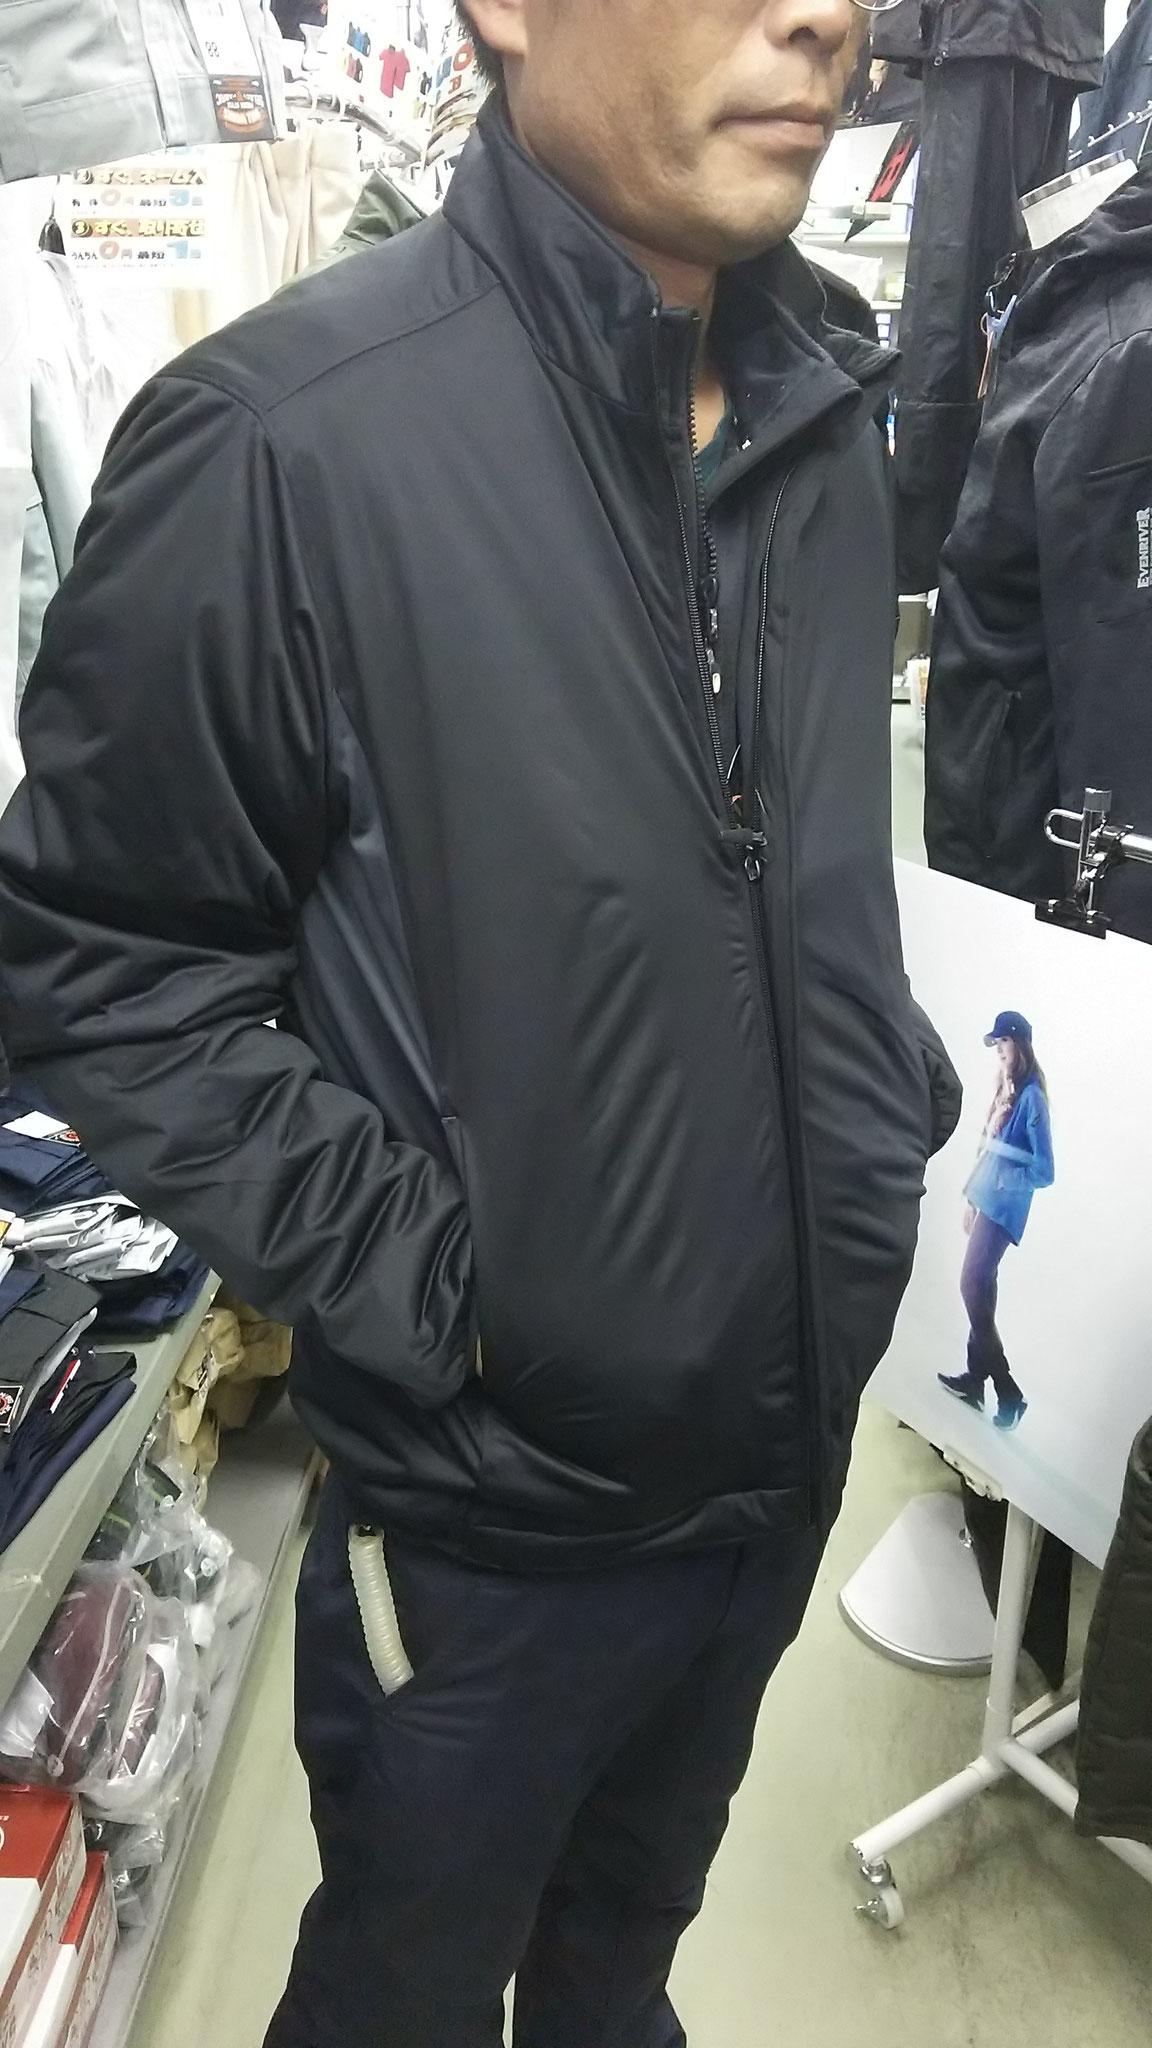 TS DESIGN  6626 防風ストレッチライトウォームジャケット 実際に着てみました。シックに決まります。